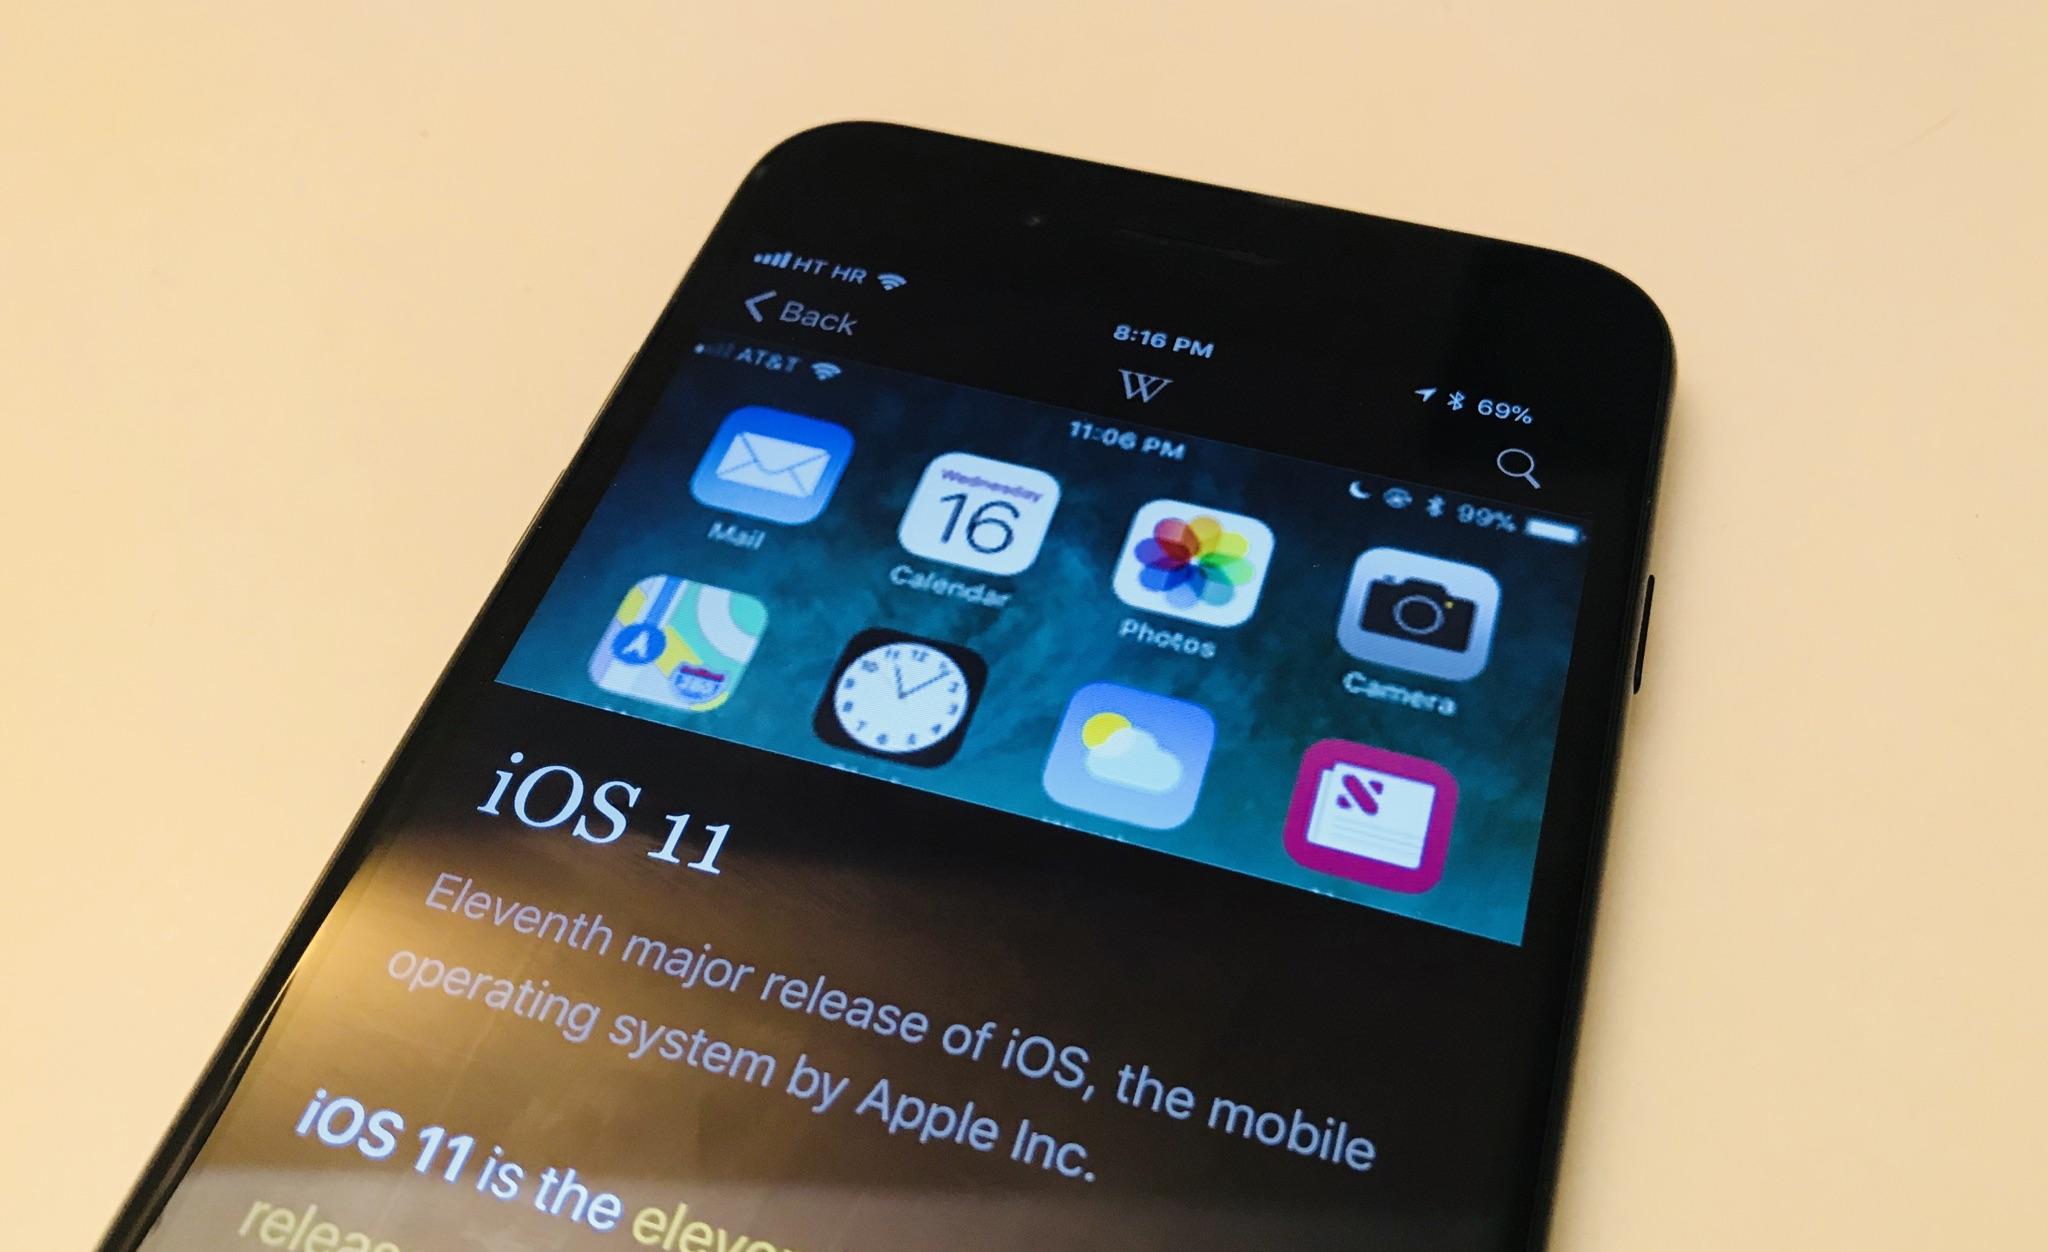 اپلیکیشن تلفن همراه ویکیپدیا